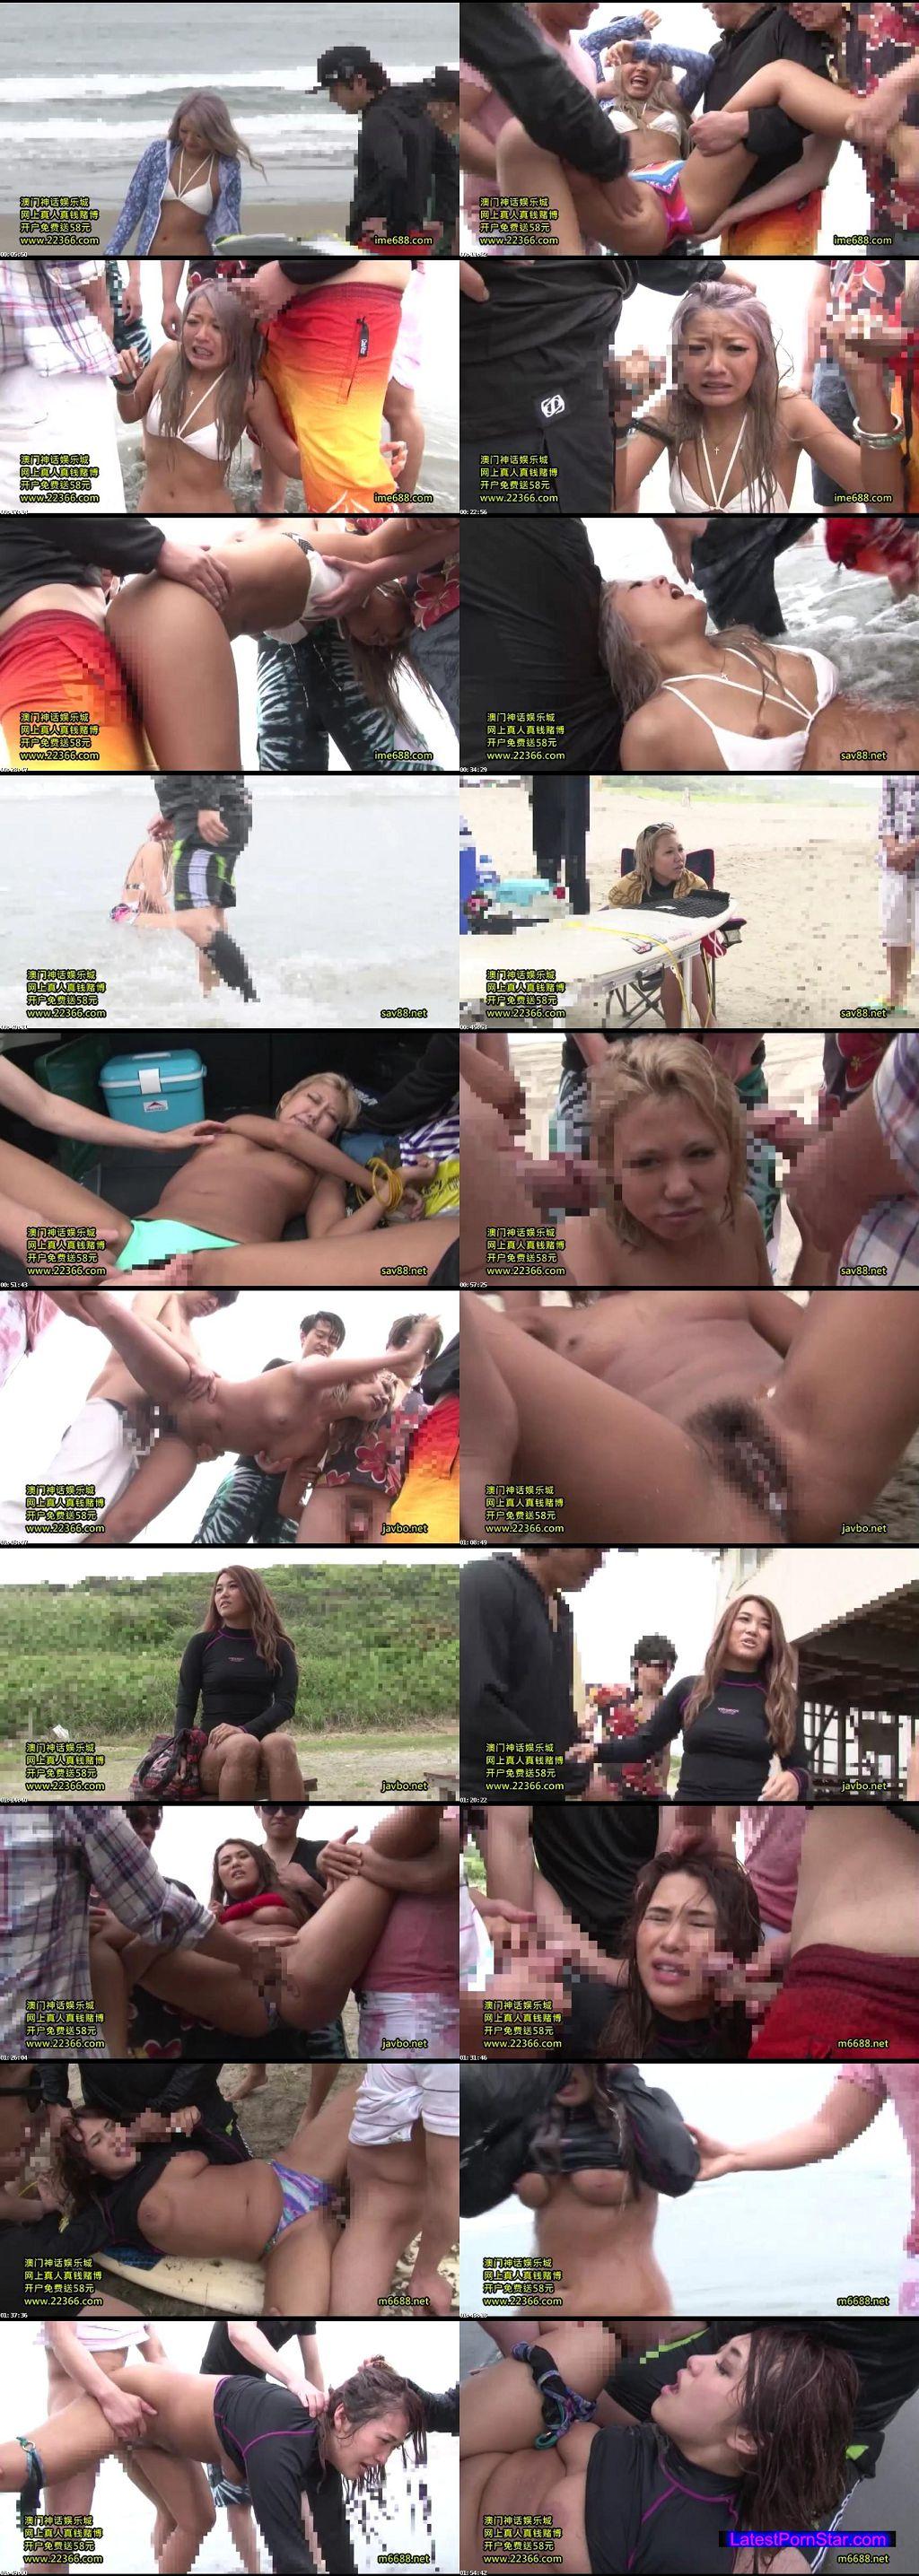 [RCT-888] かっこいいサーファーギャルをビーチで中出し輪姦レイプ